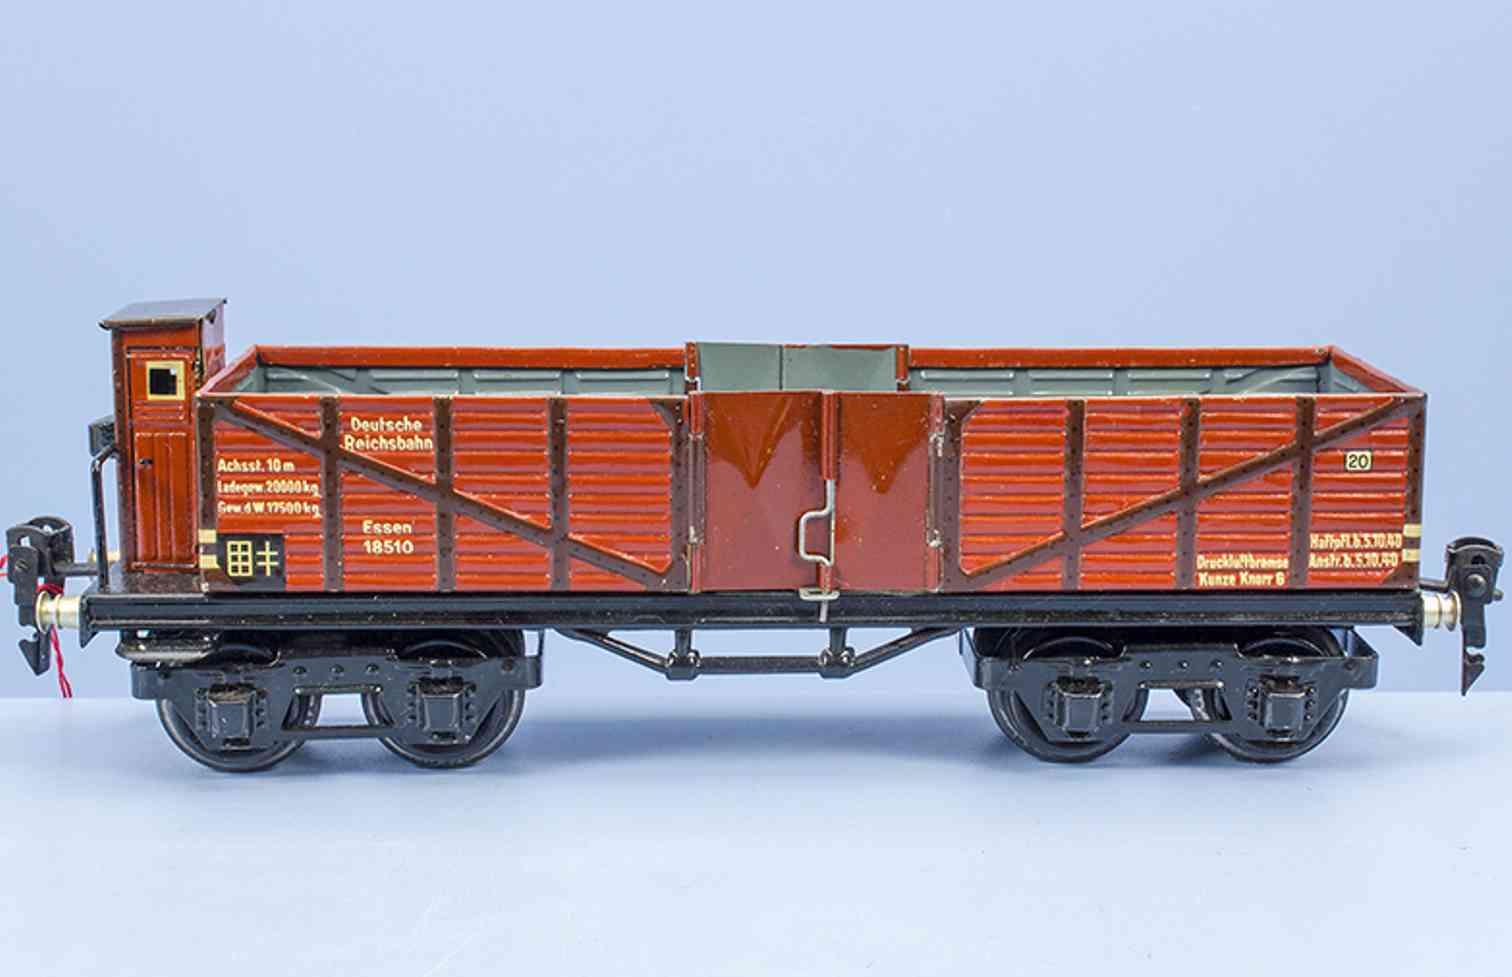 maerklin 1851/0 spielzeug eisenbahn hochbordwagen mit bremserhaus spur 0